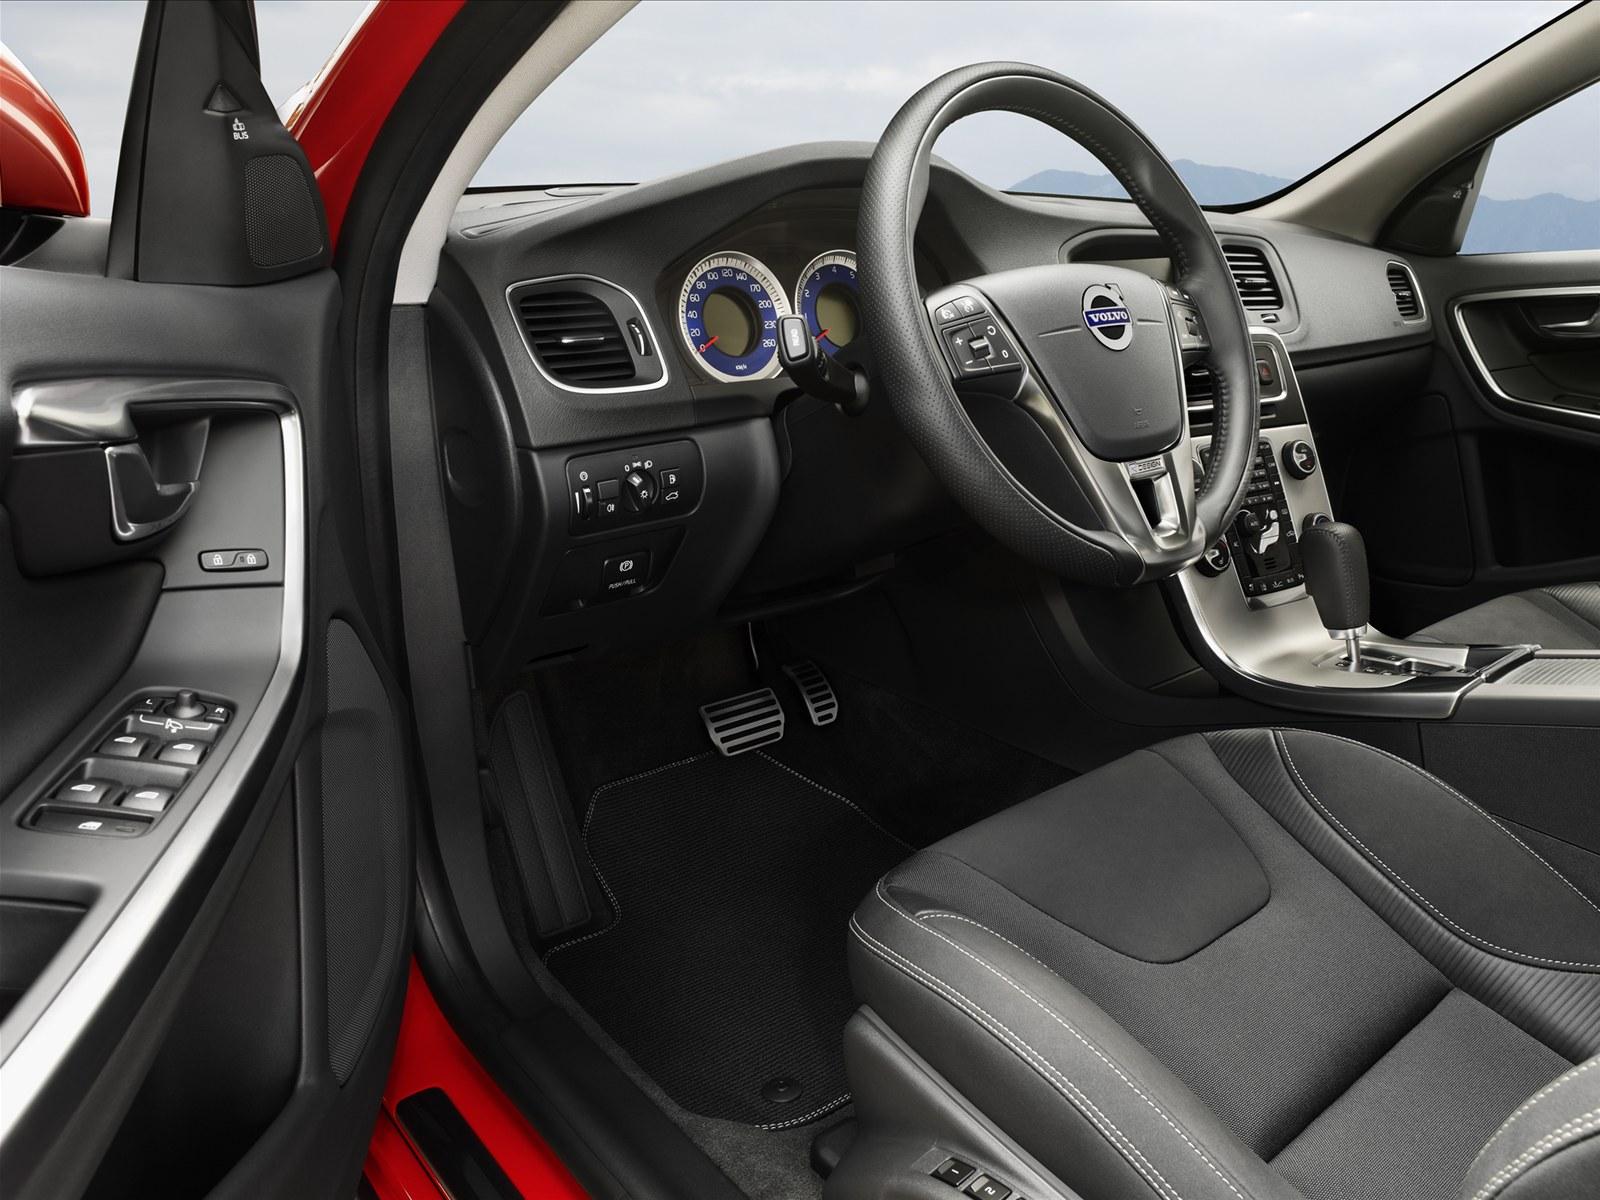 Volvo S60 RDesign